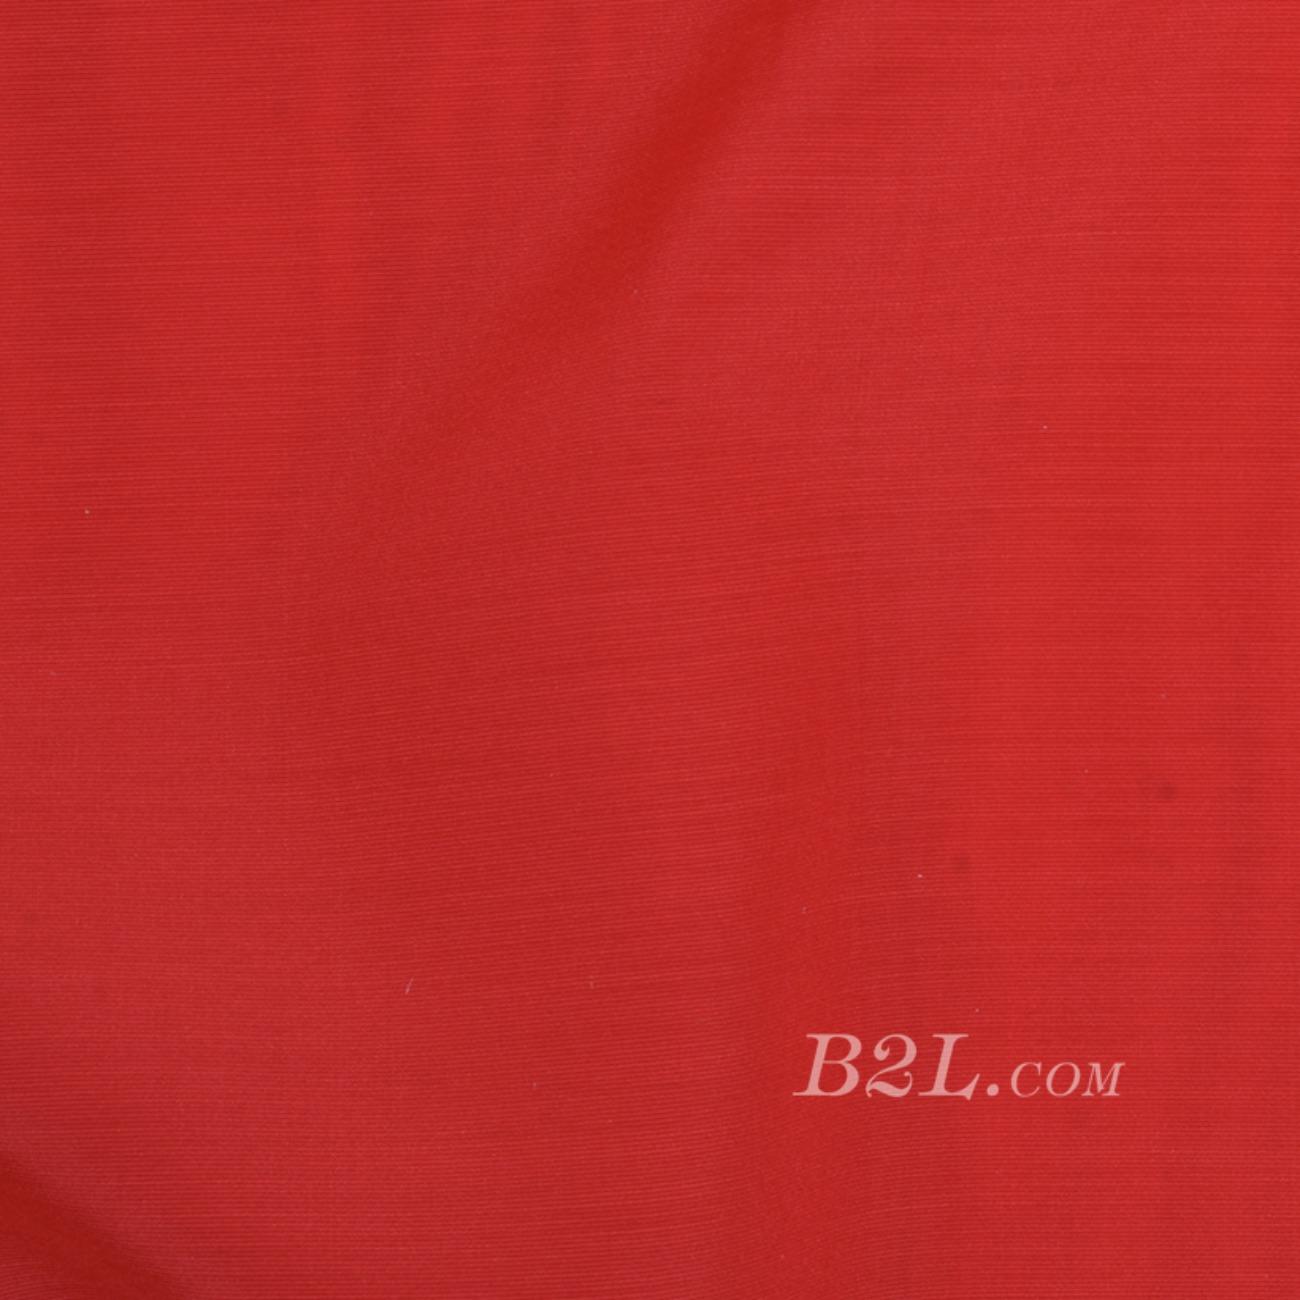 素色 梭织 低弹 薄 柔软 肖兰纱 春夏 连衣裙 T恤 女装 外套 短裙 81118-37